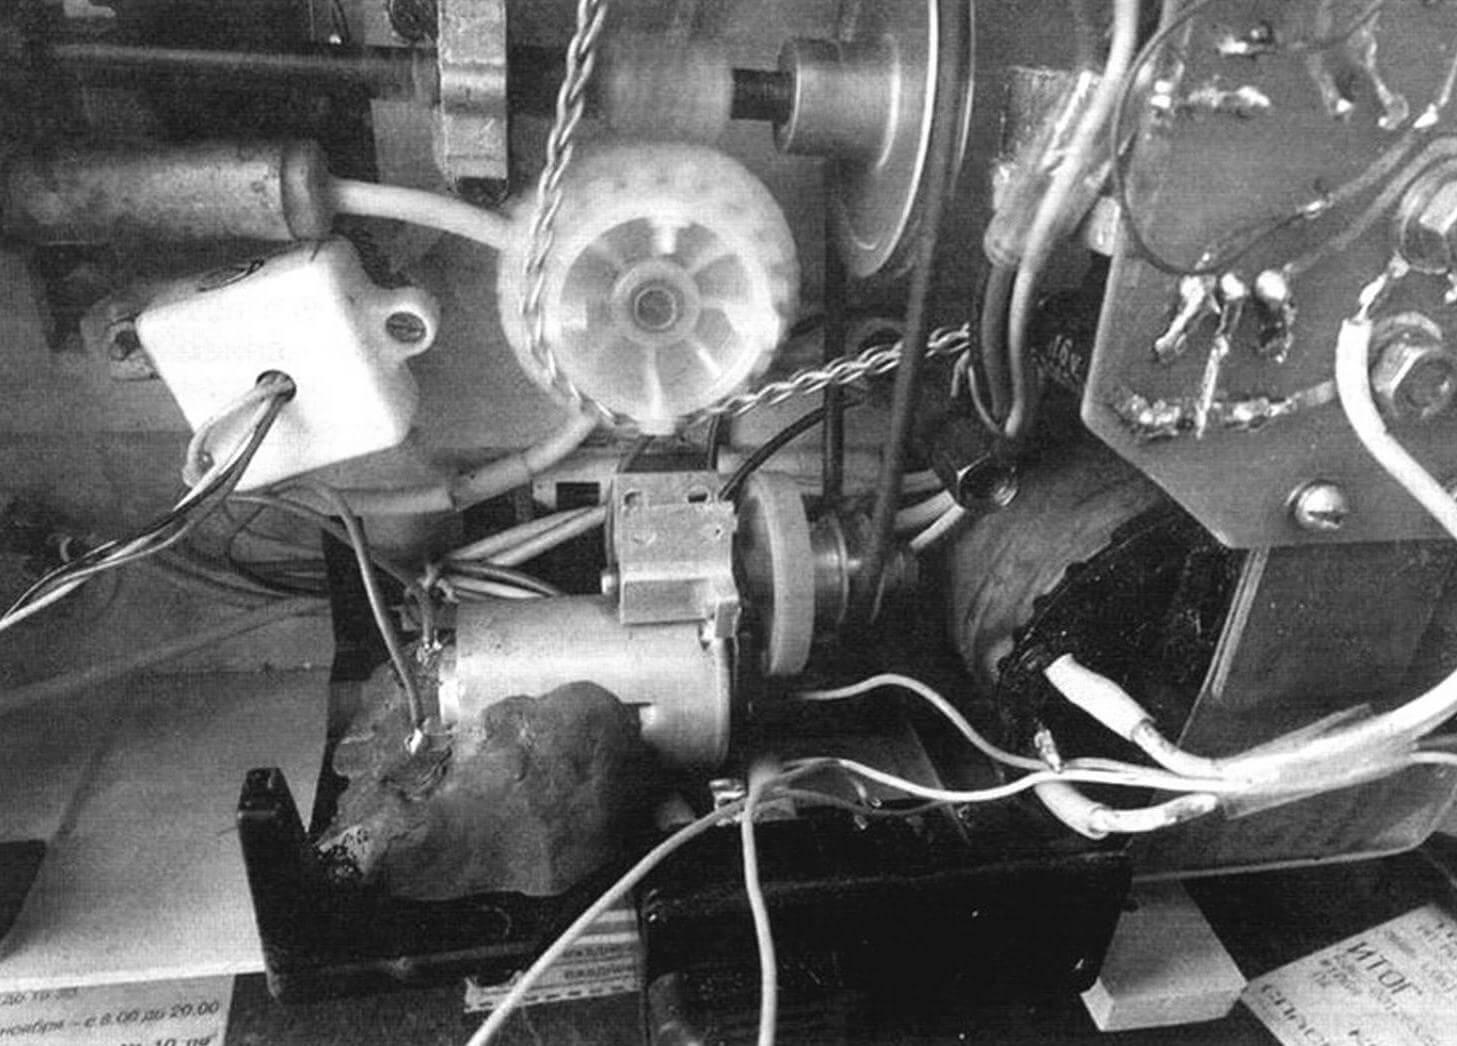 Крепление датчика и усилителя внутри корпуса